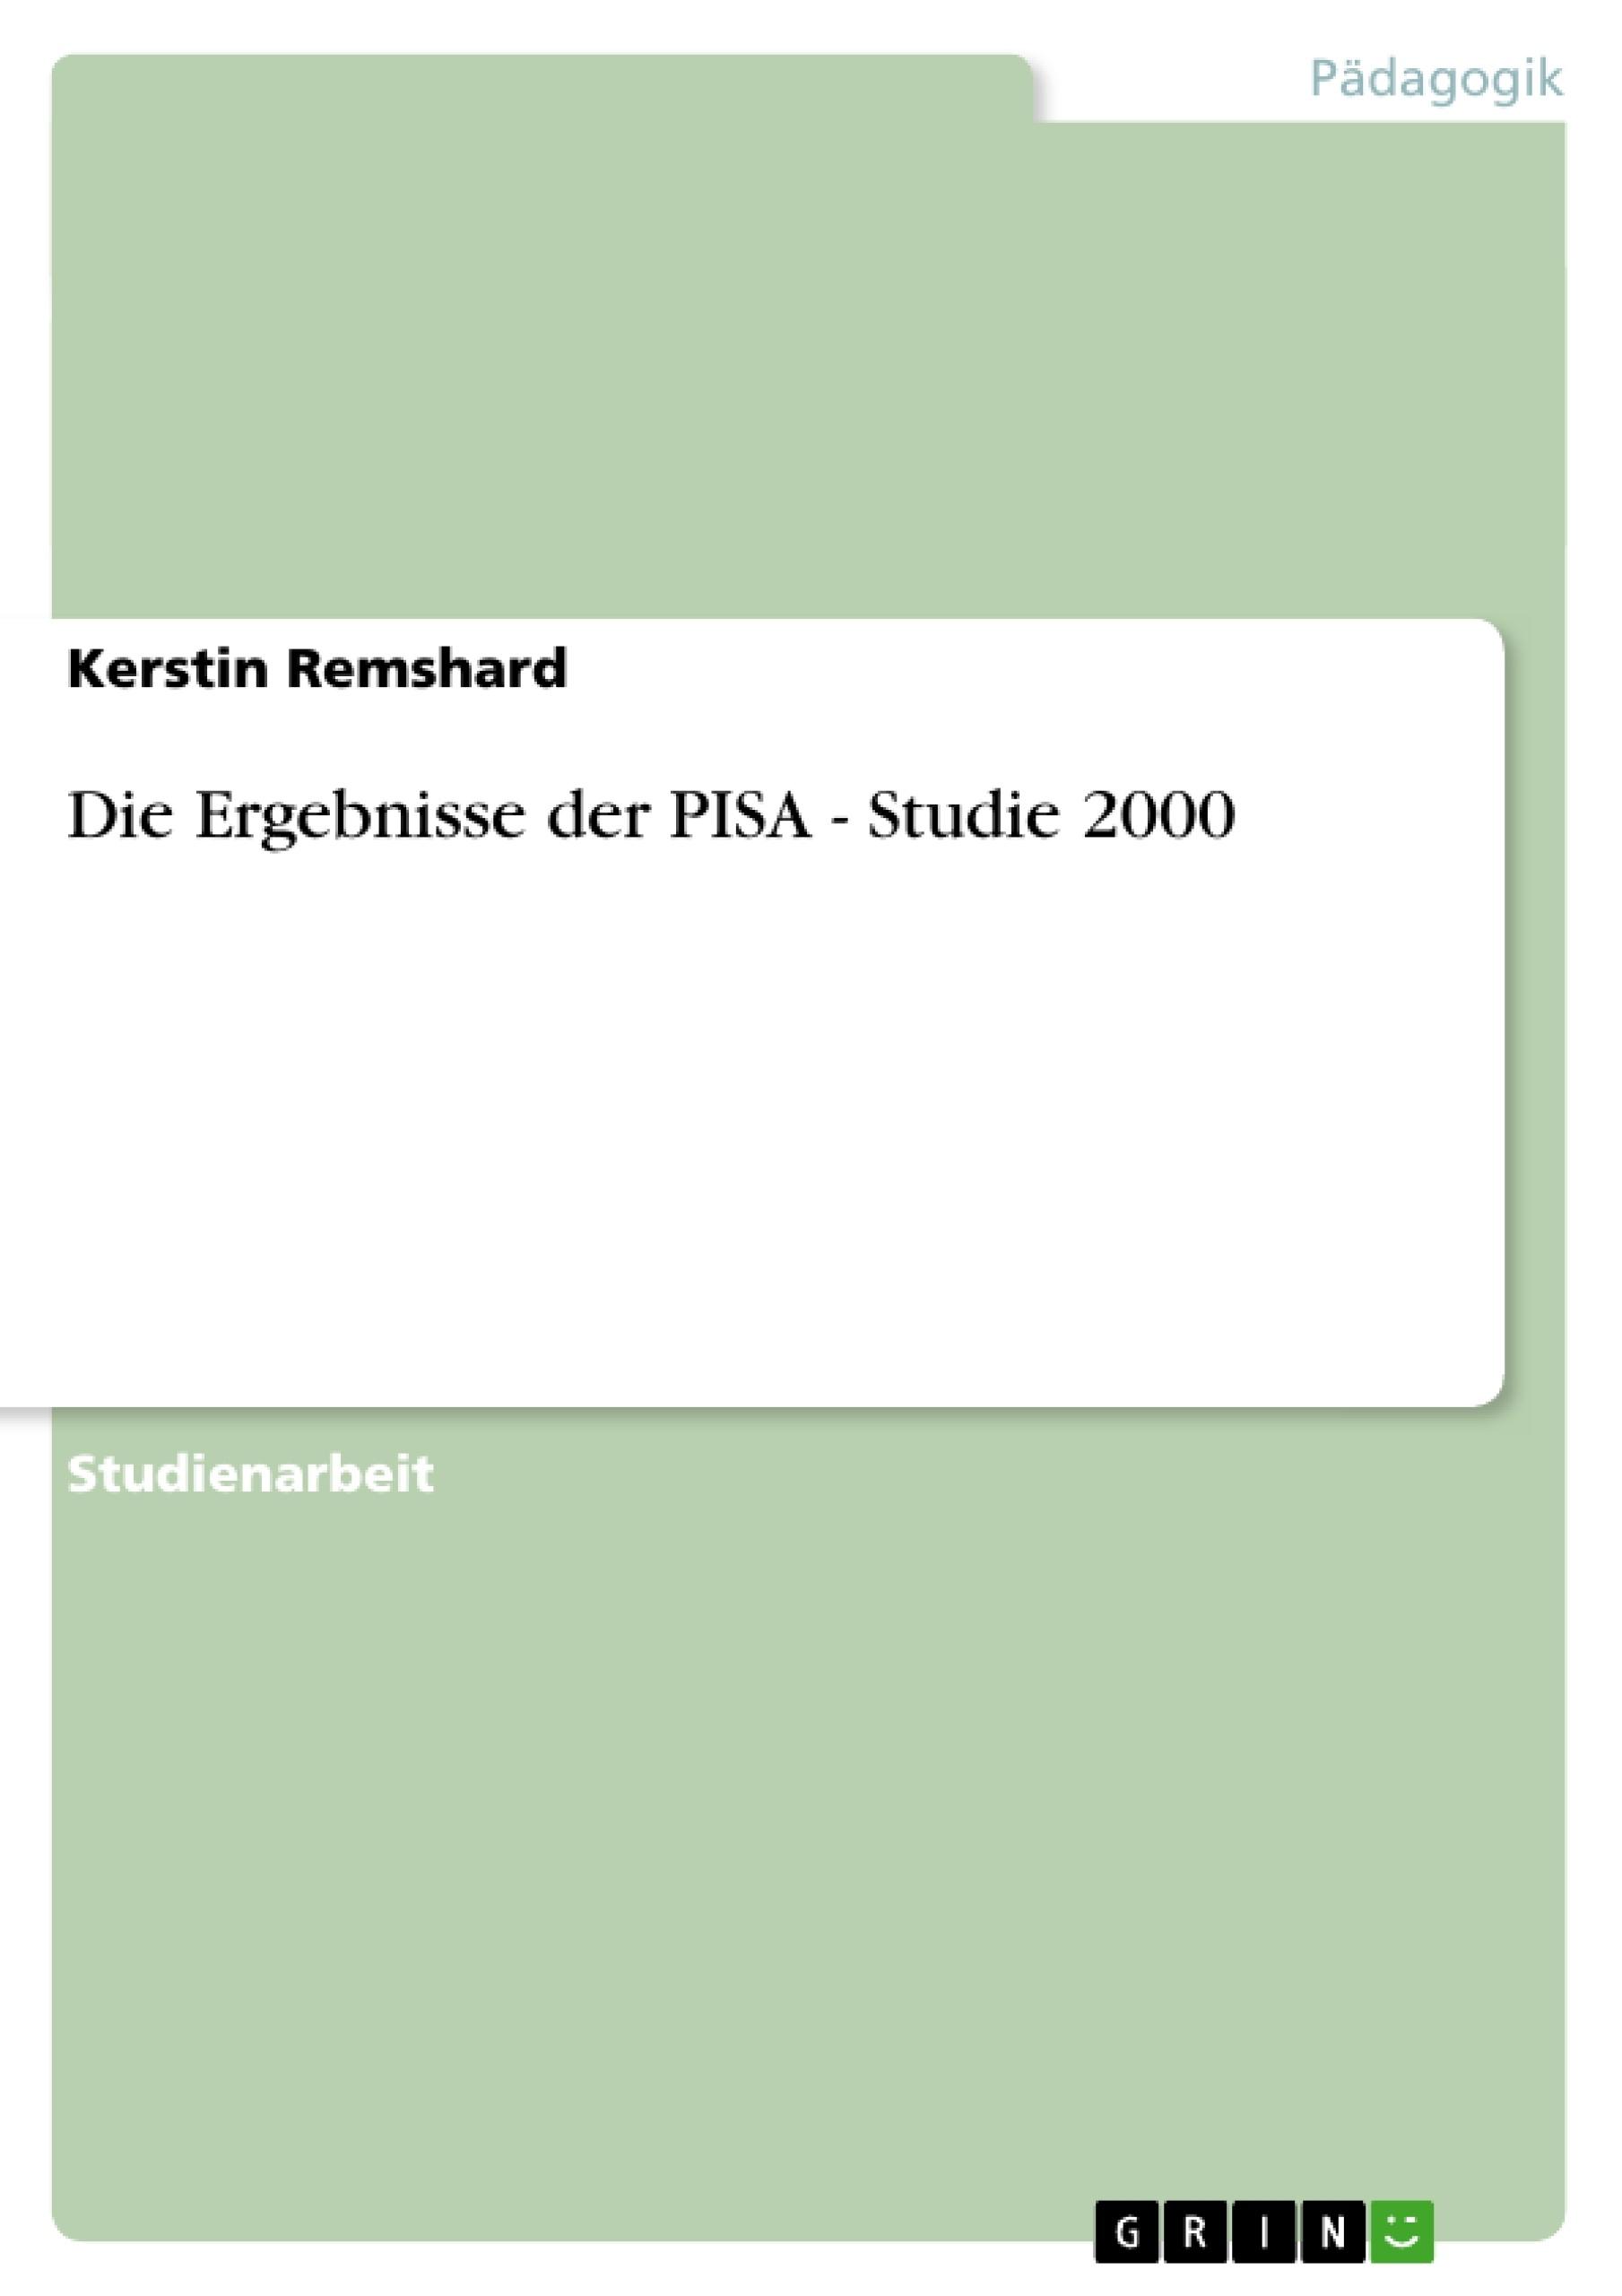 Titel: Die Ergebnisse der PISA - Studie 2000